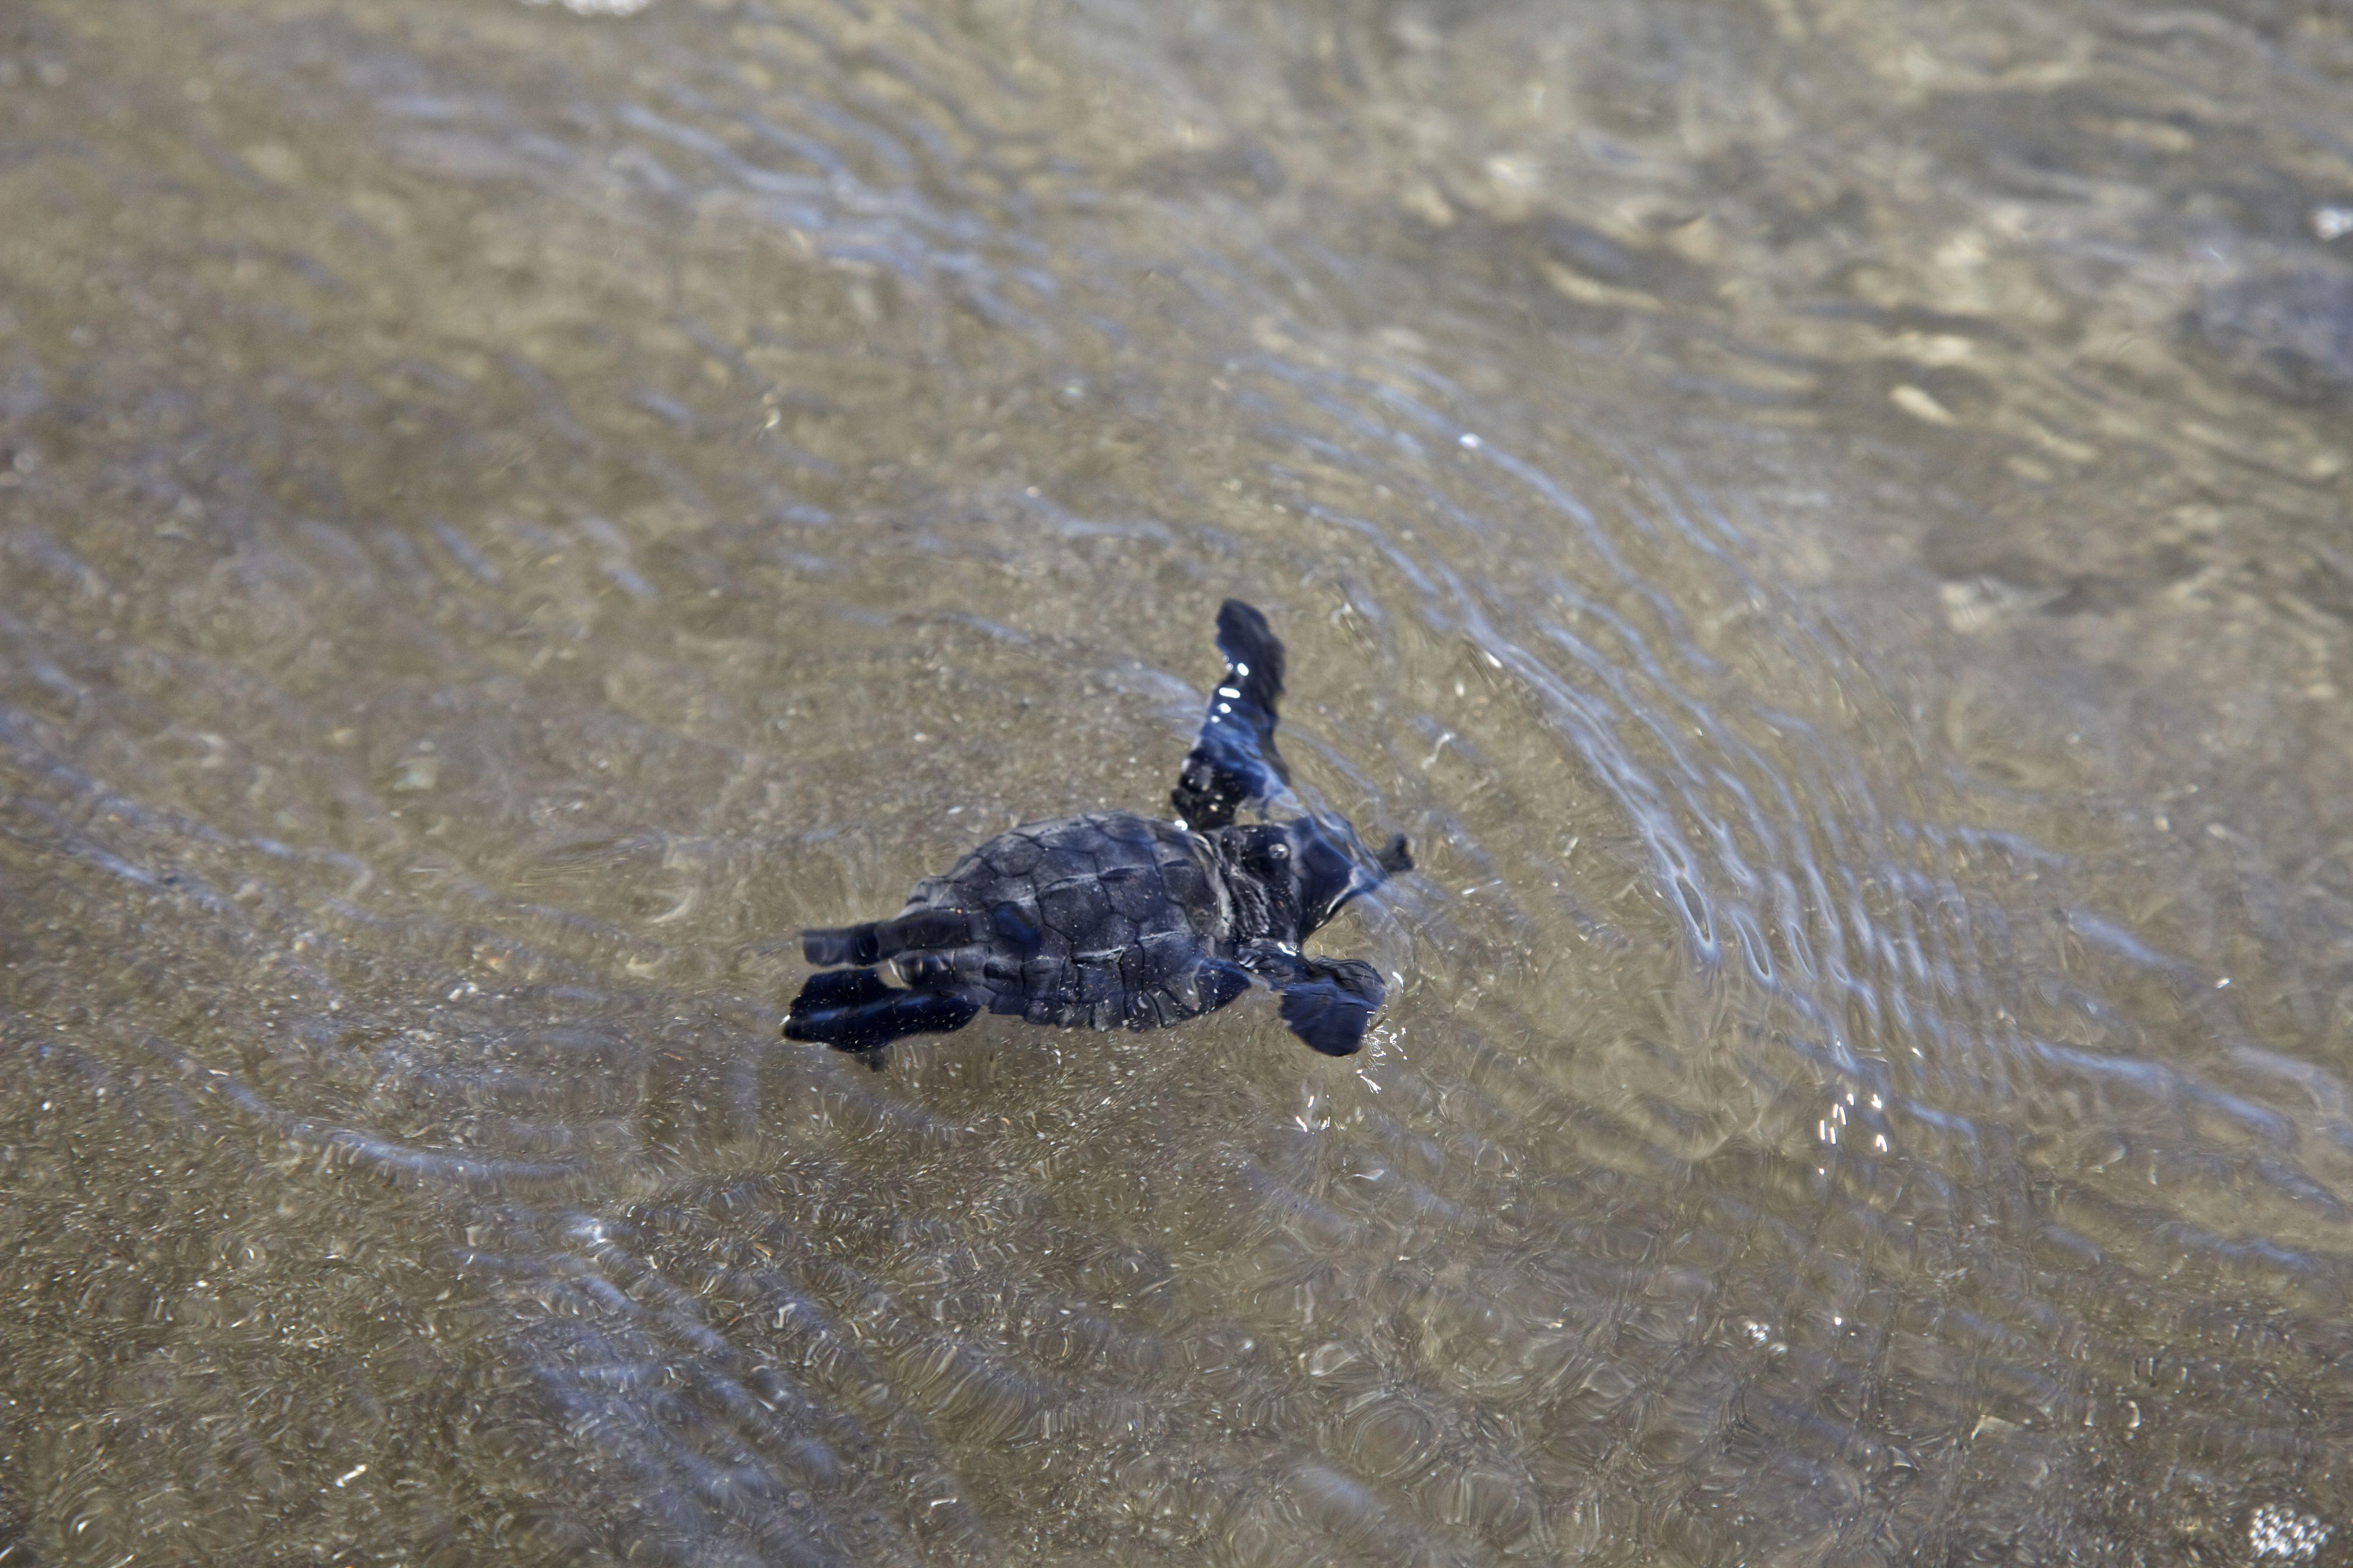 Turtle hatchling swimming in water, Playa De Cuco, El Salvador